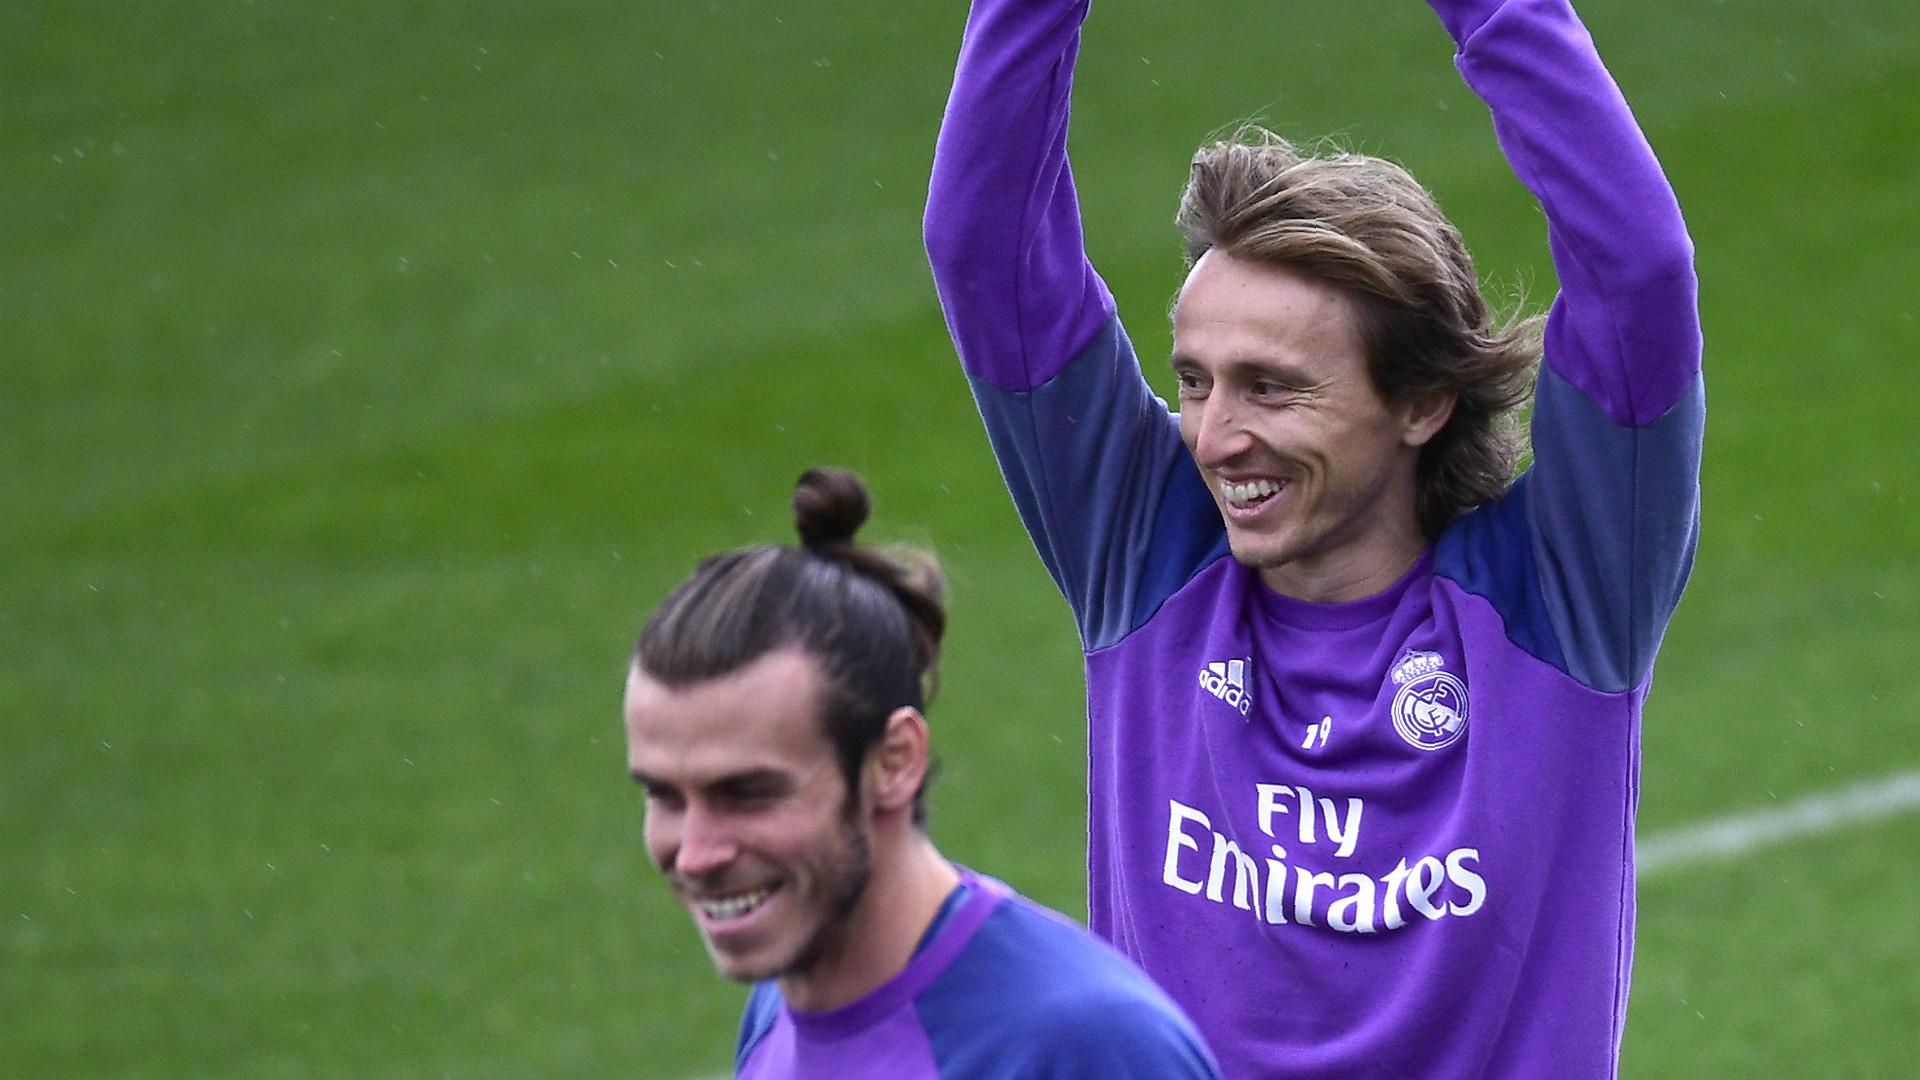 Mineirinho tieta ídolos do Real Madrid antes de jogo da Champions